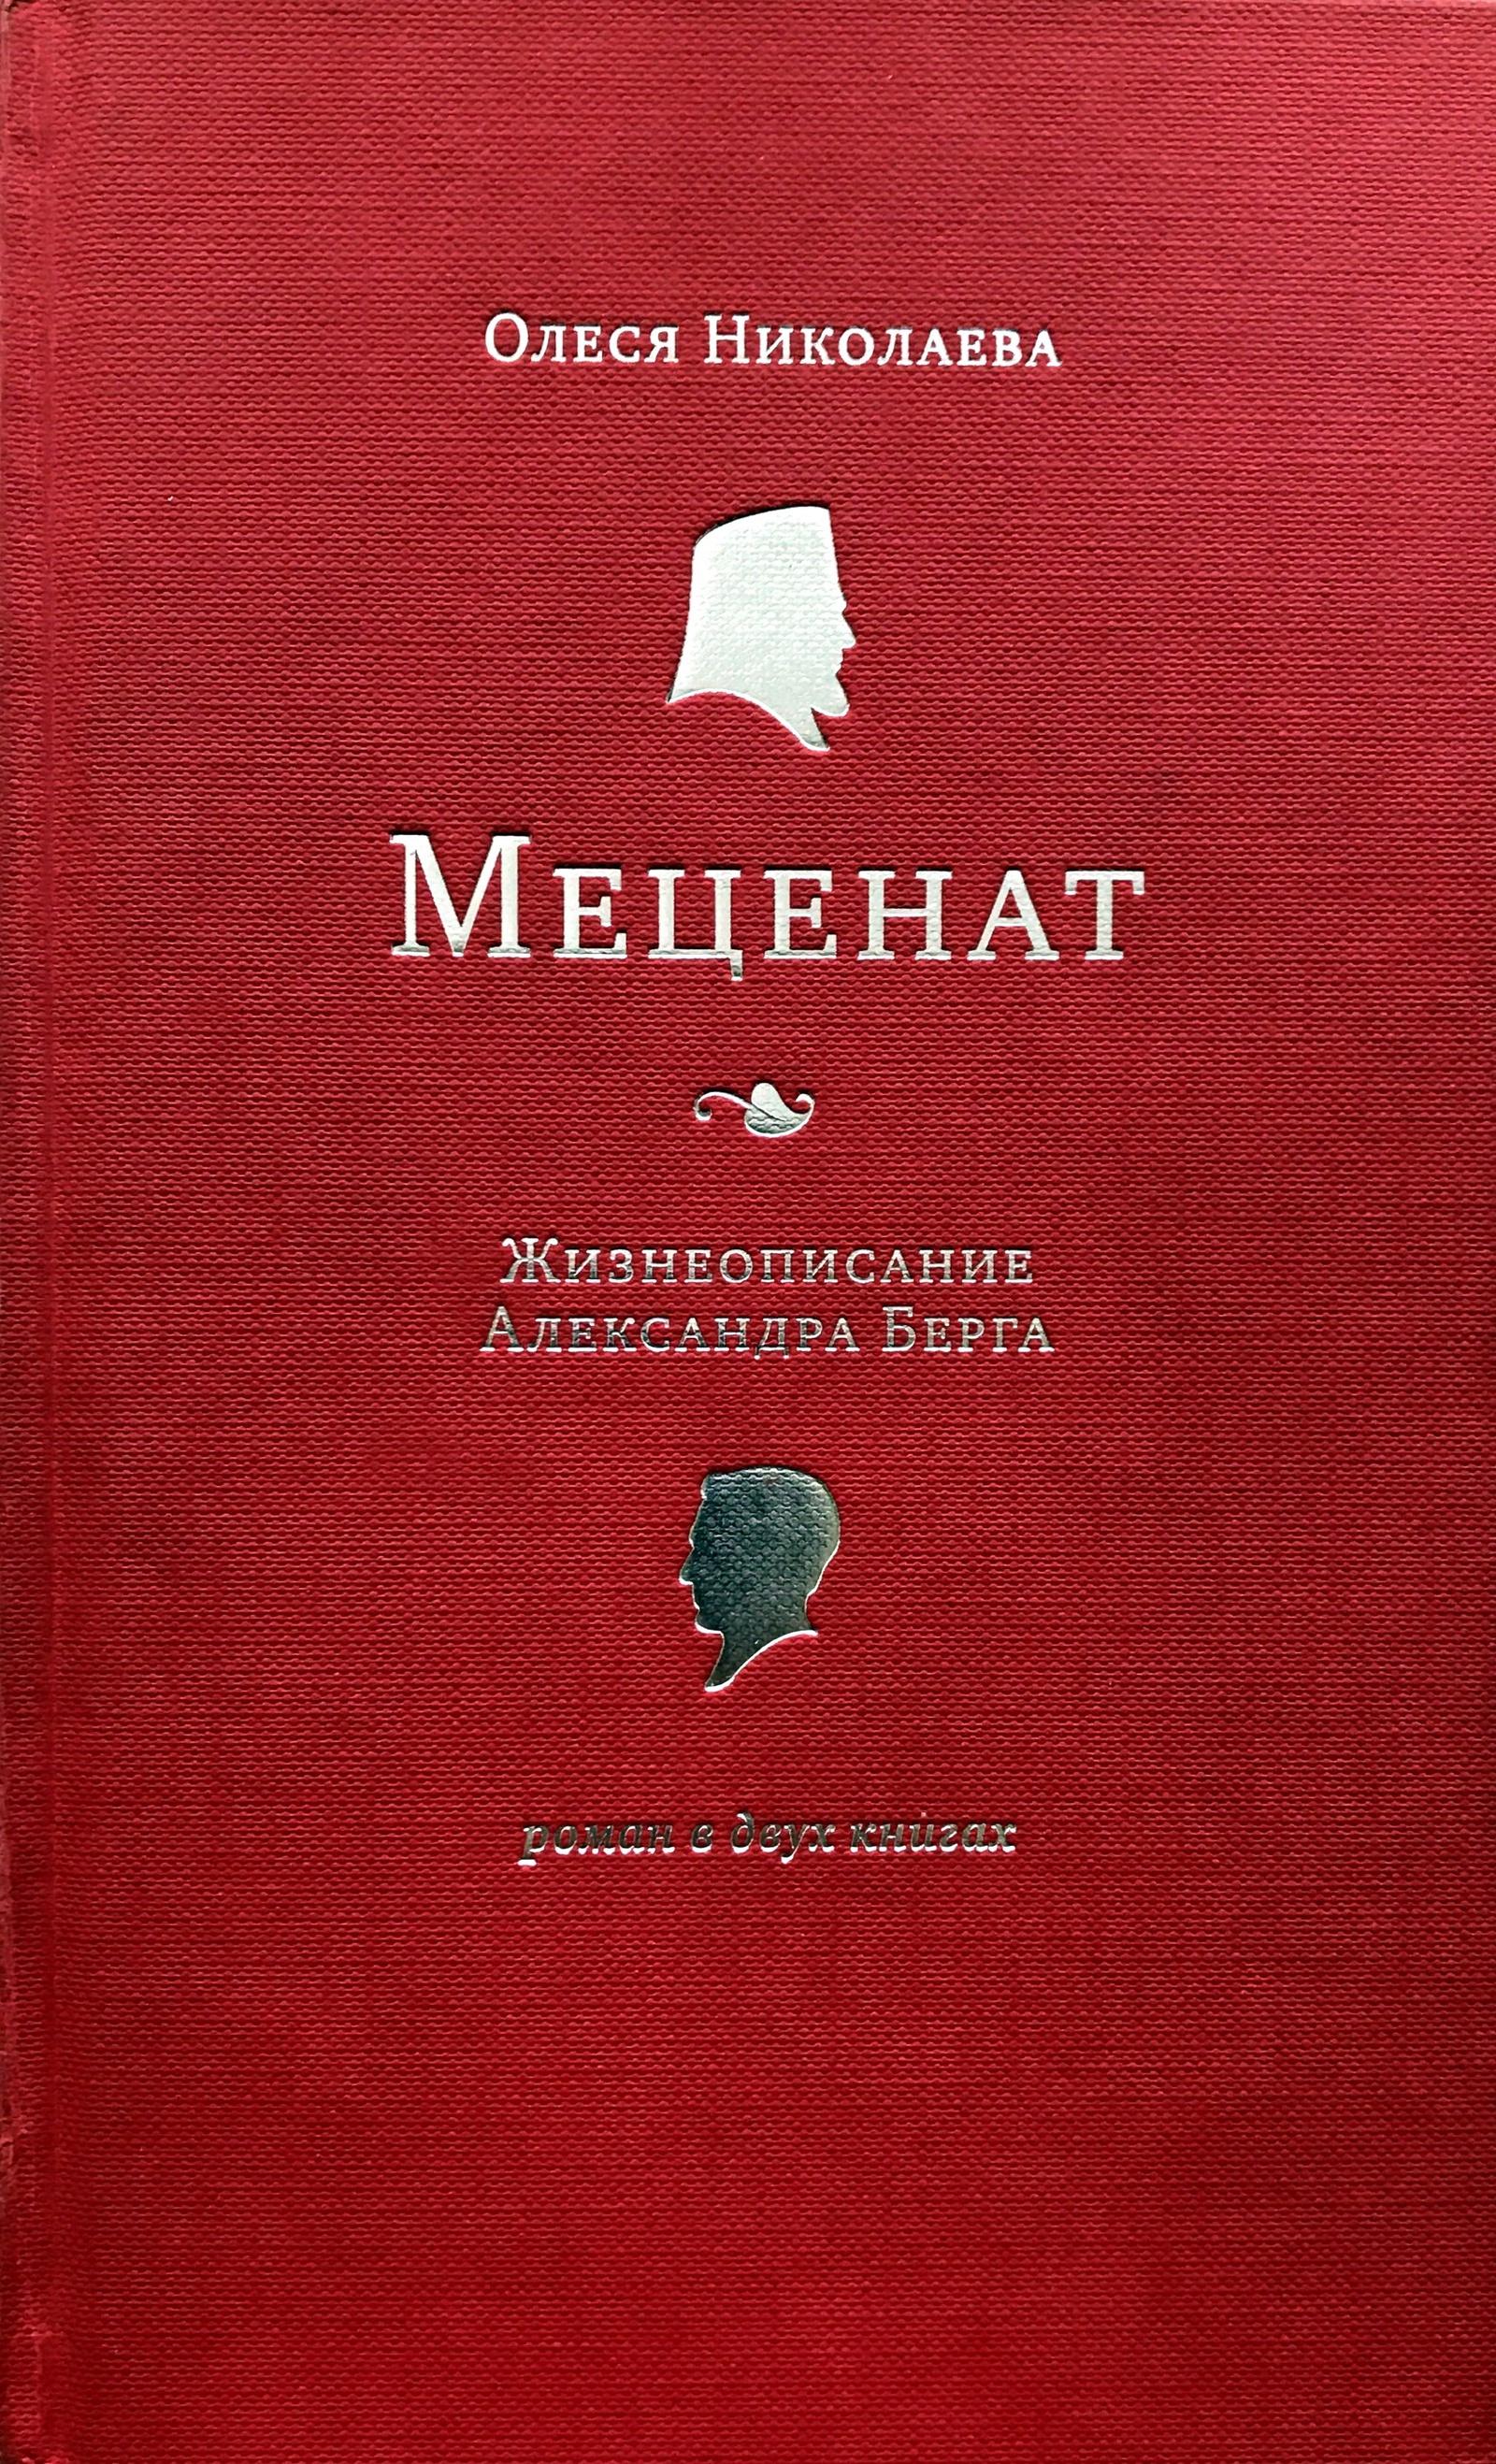 О.Николаева Меценат